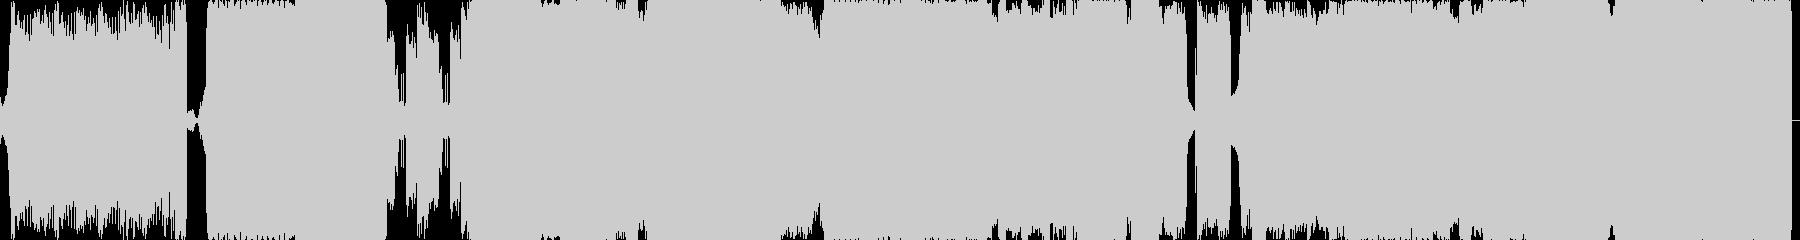 ハードブレイクビーツ/ハードコア/...の未再生の波形